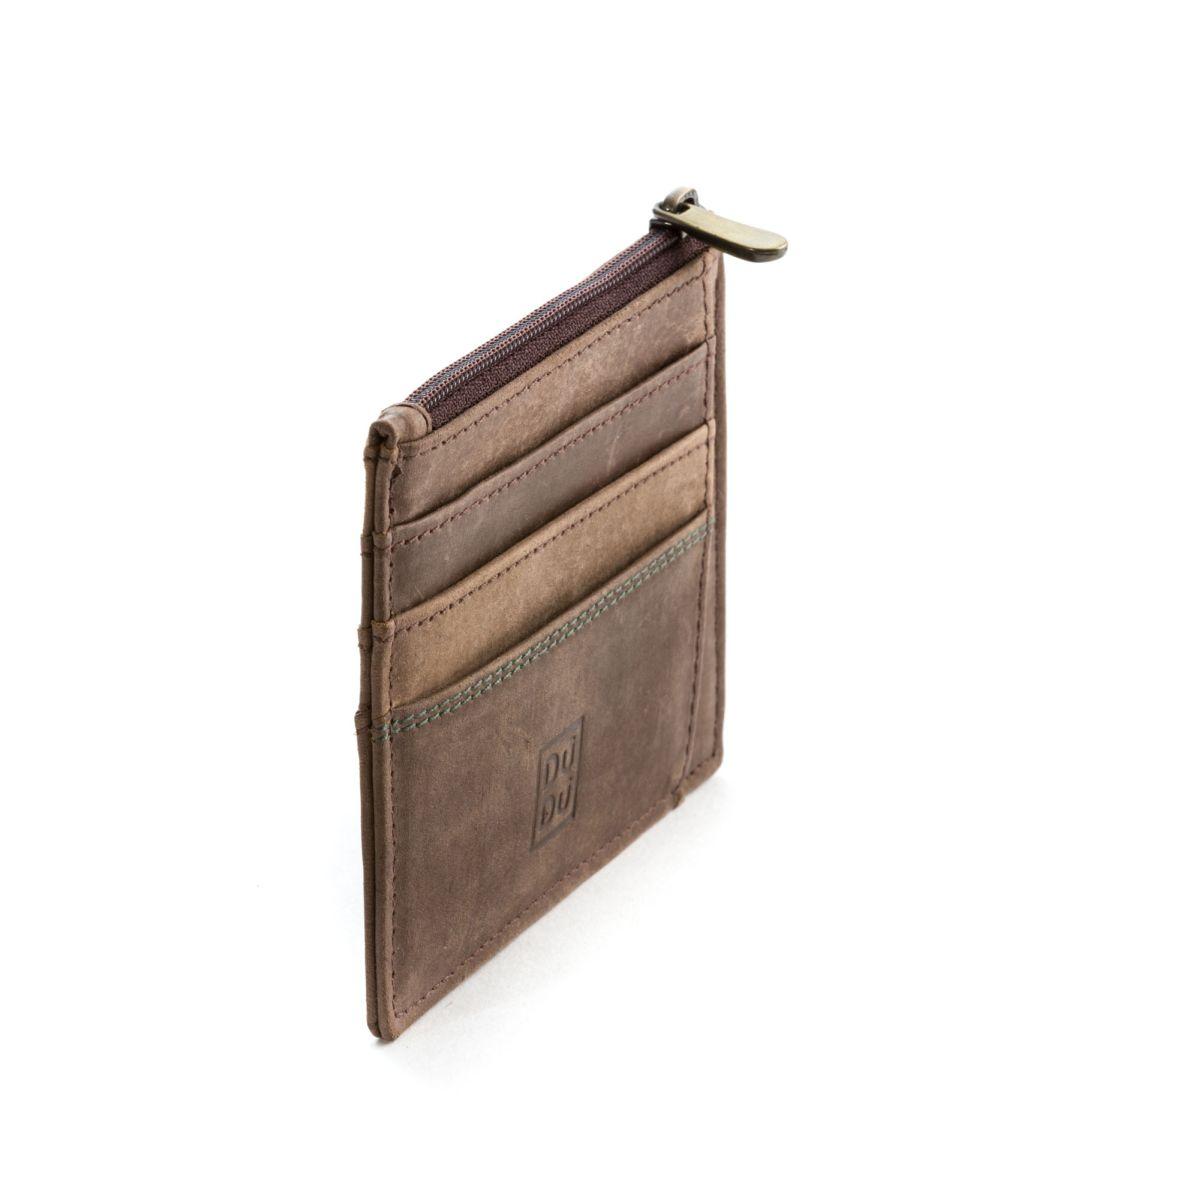 DuDu Slim Leather Credit Card Wallet - Dark Brown